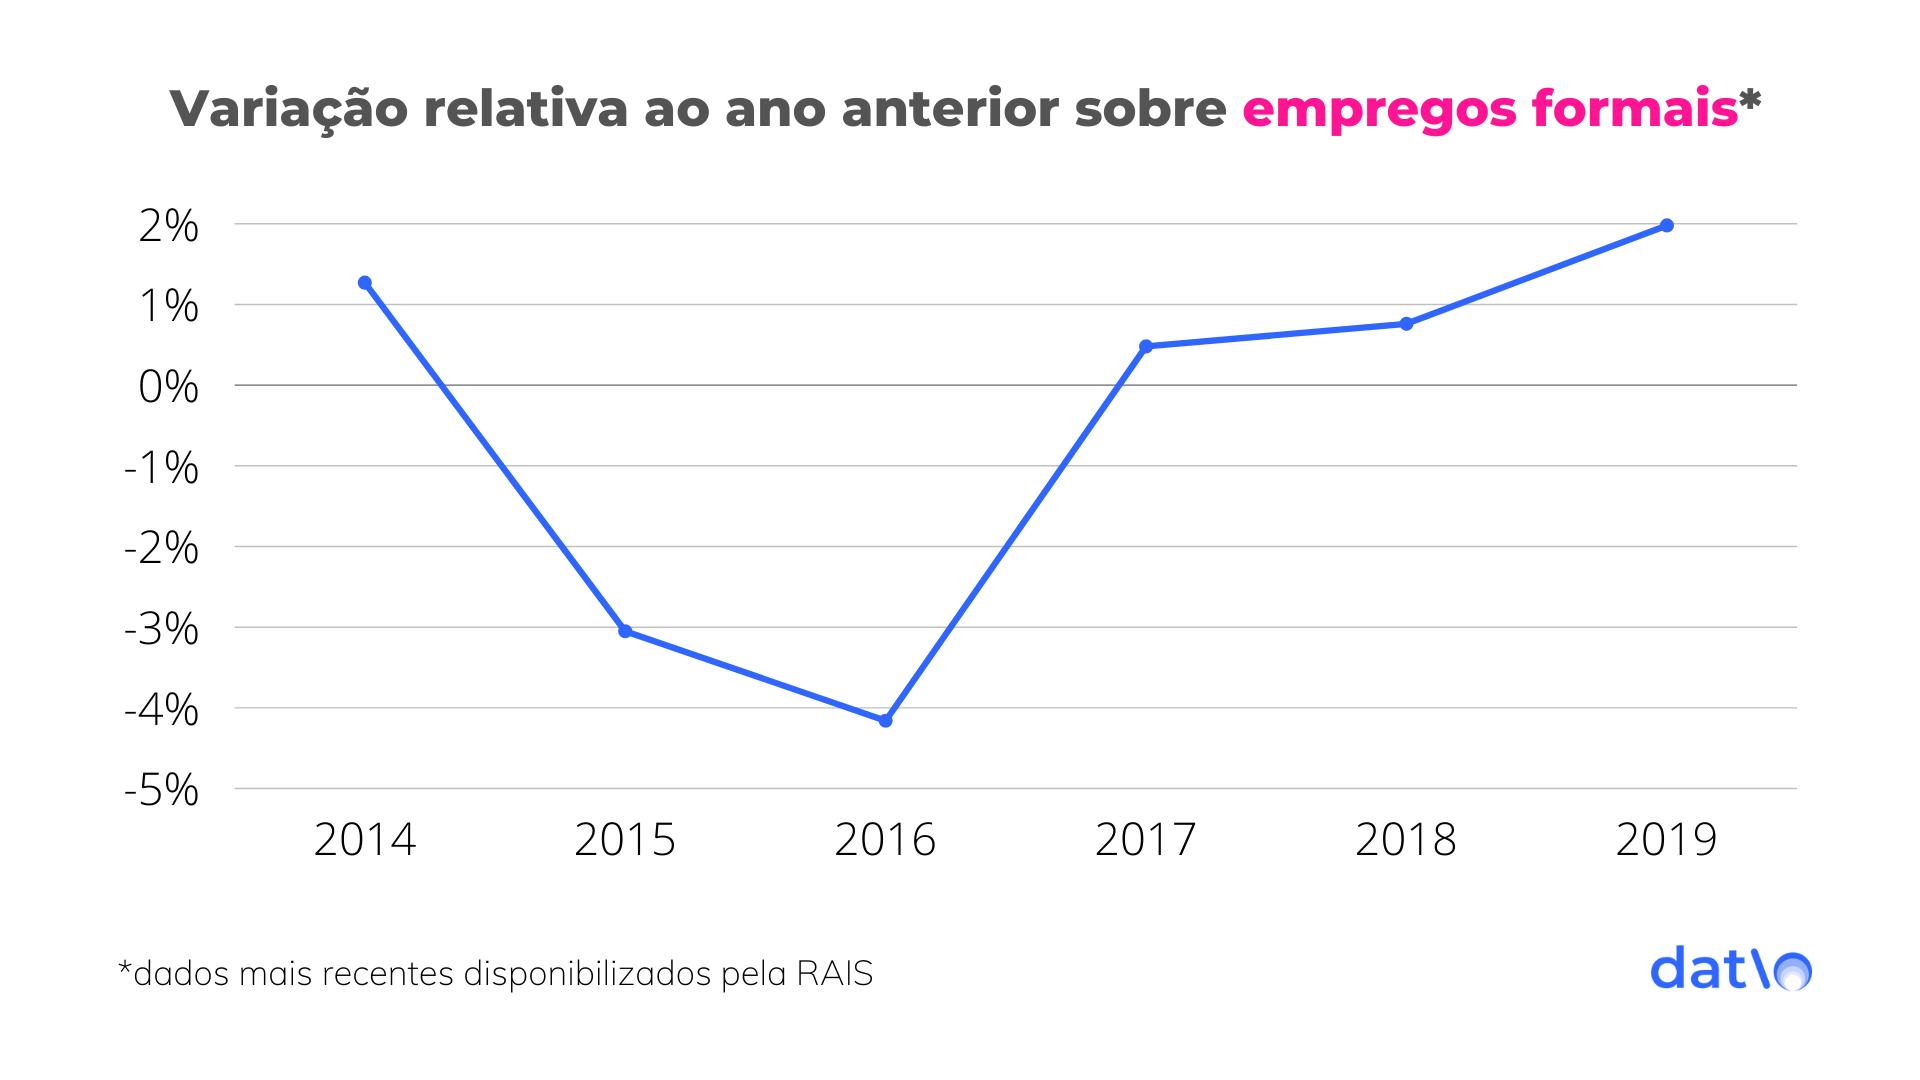 2019 atingiu o quarto maior estoque de vínculos ativos registrados na série histórica